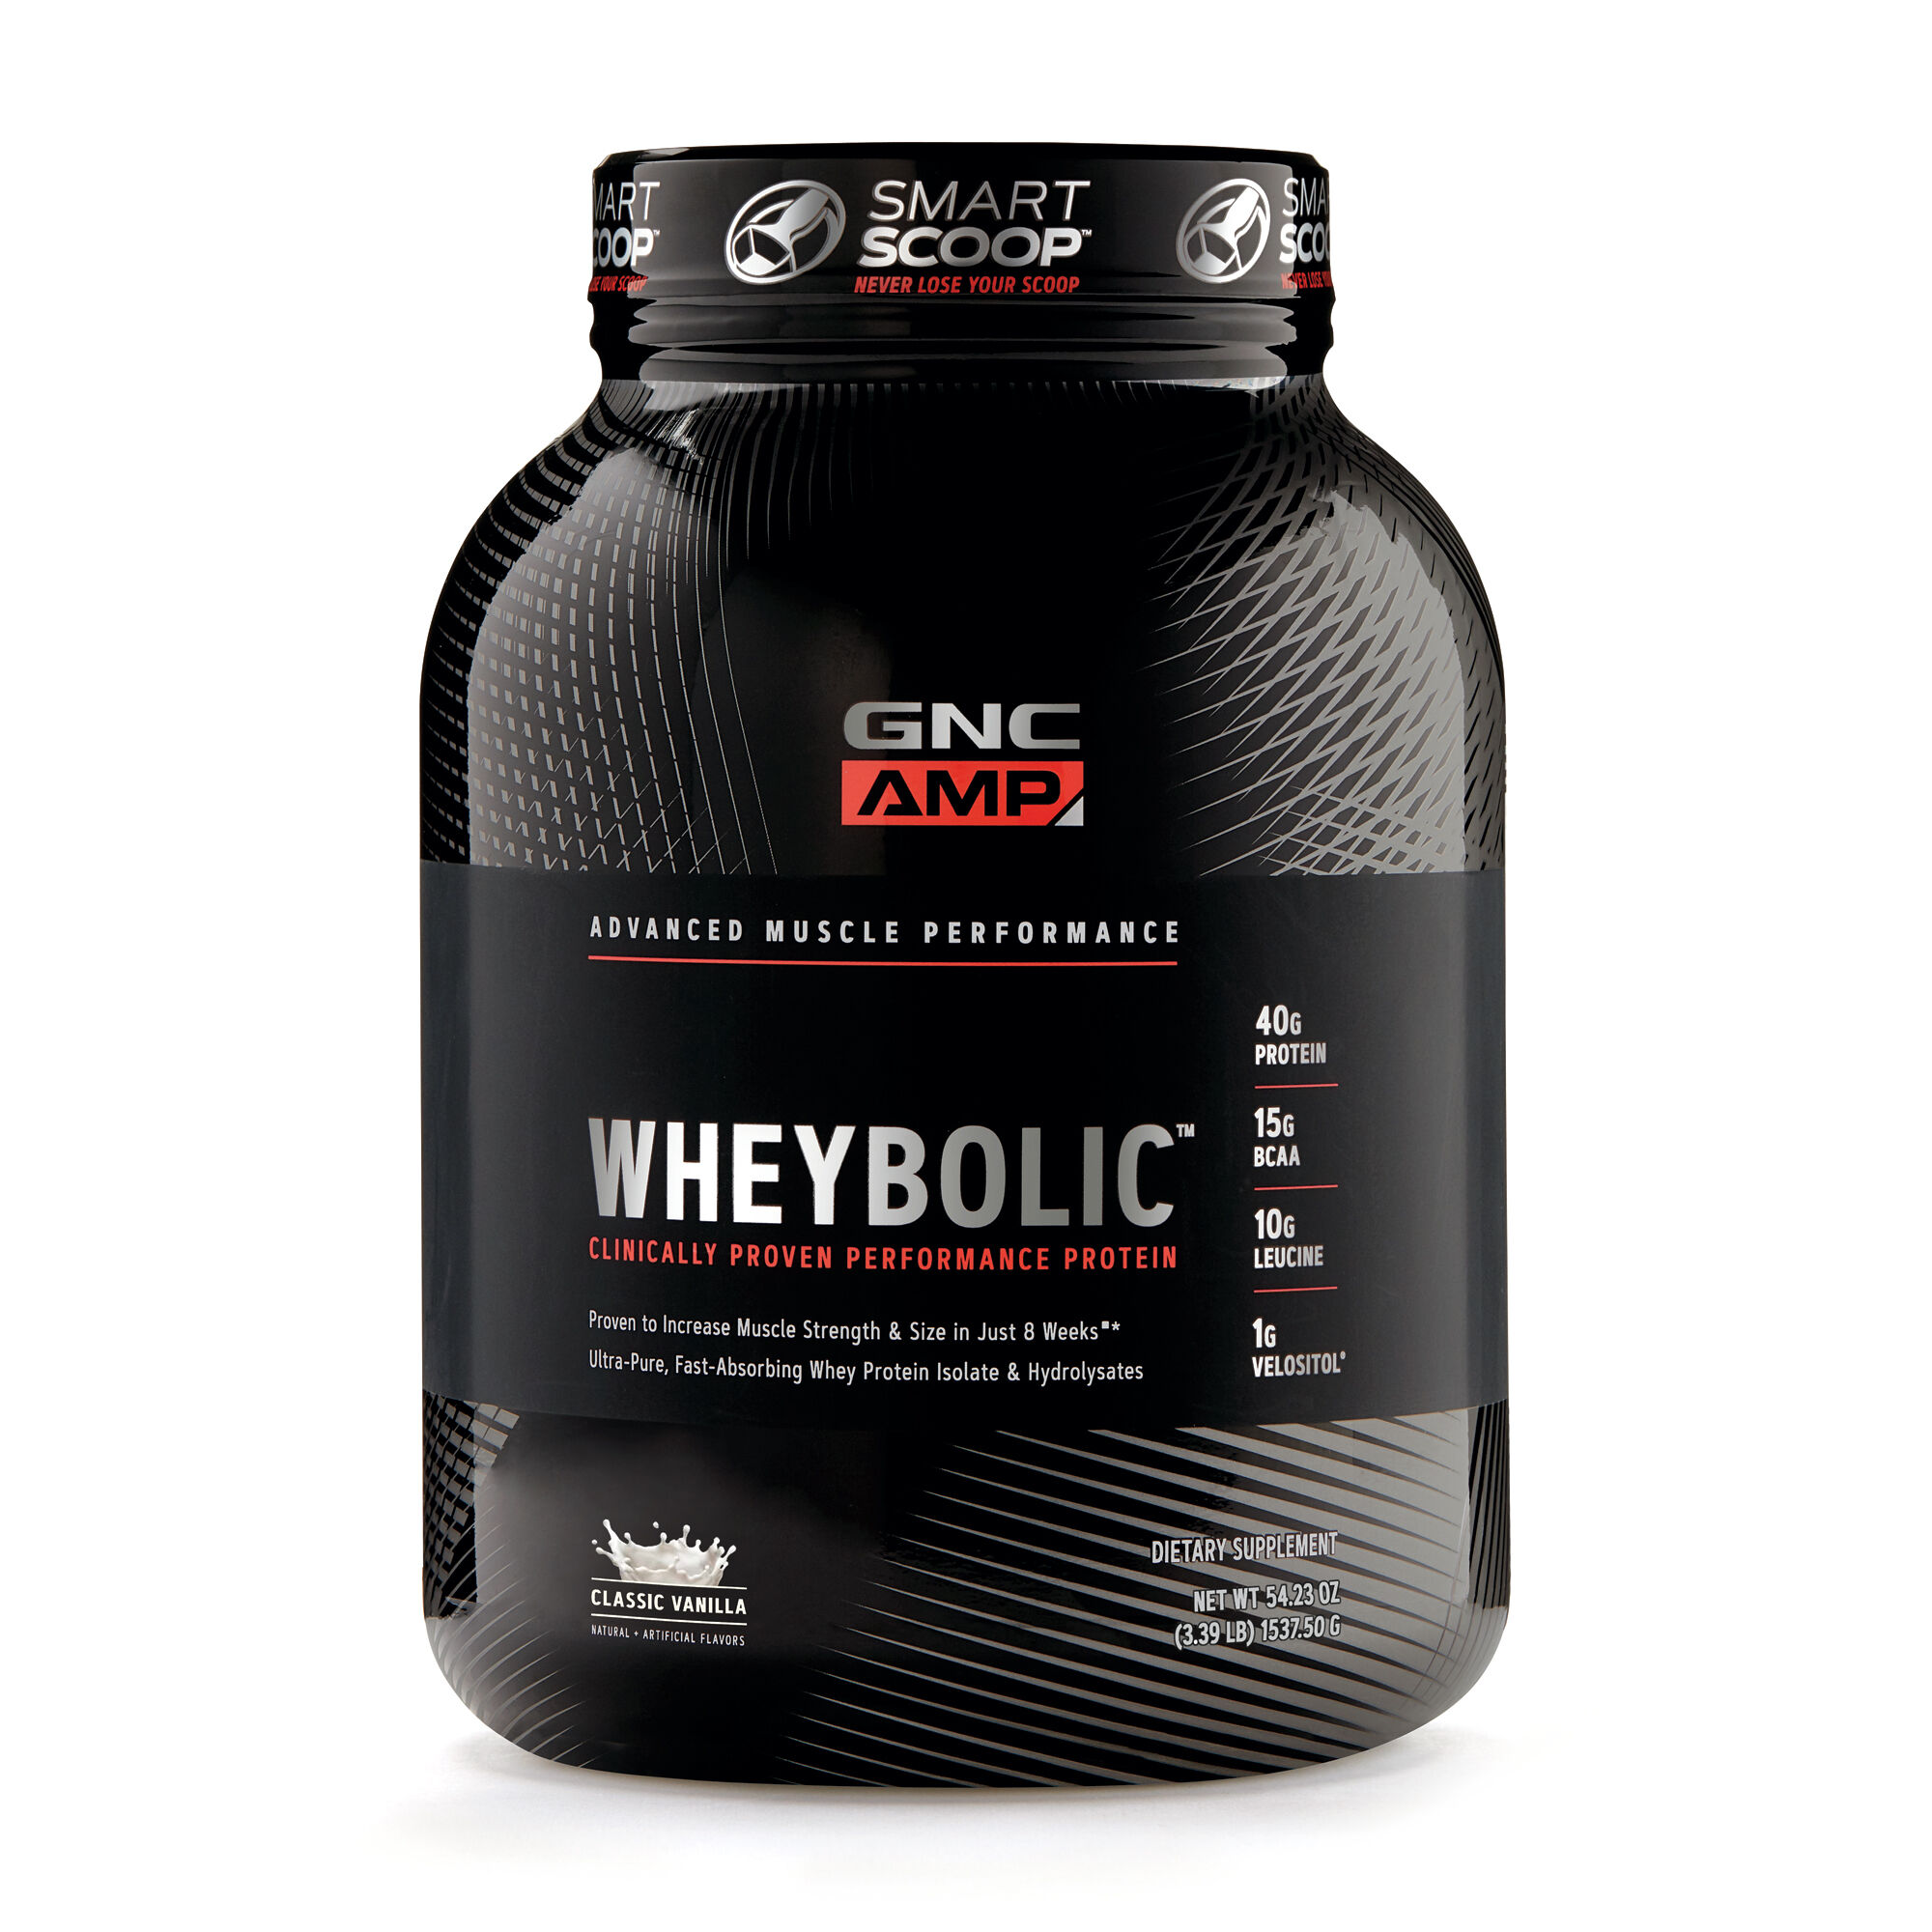 AMP Wheybolic Whey Protein Powder